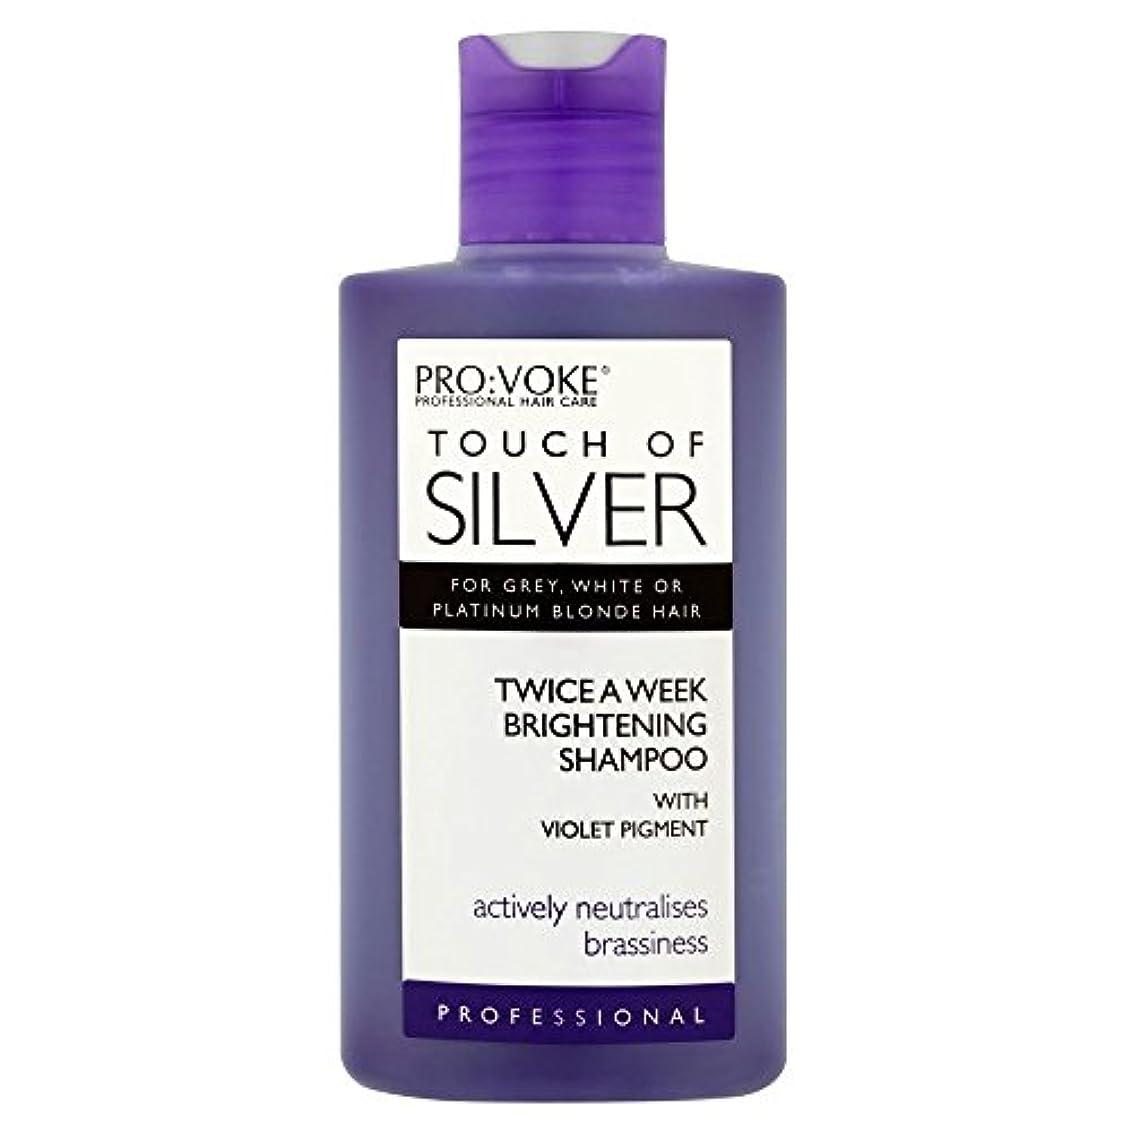 スポーツ読書をする週末Pro:voke Touch of Silver Professional Twice a Week Brightening Shampoo (150ml) プロ:プロの銀二回週白シャンプーのvokeタッチ( 150ミリリットル...